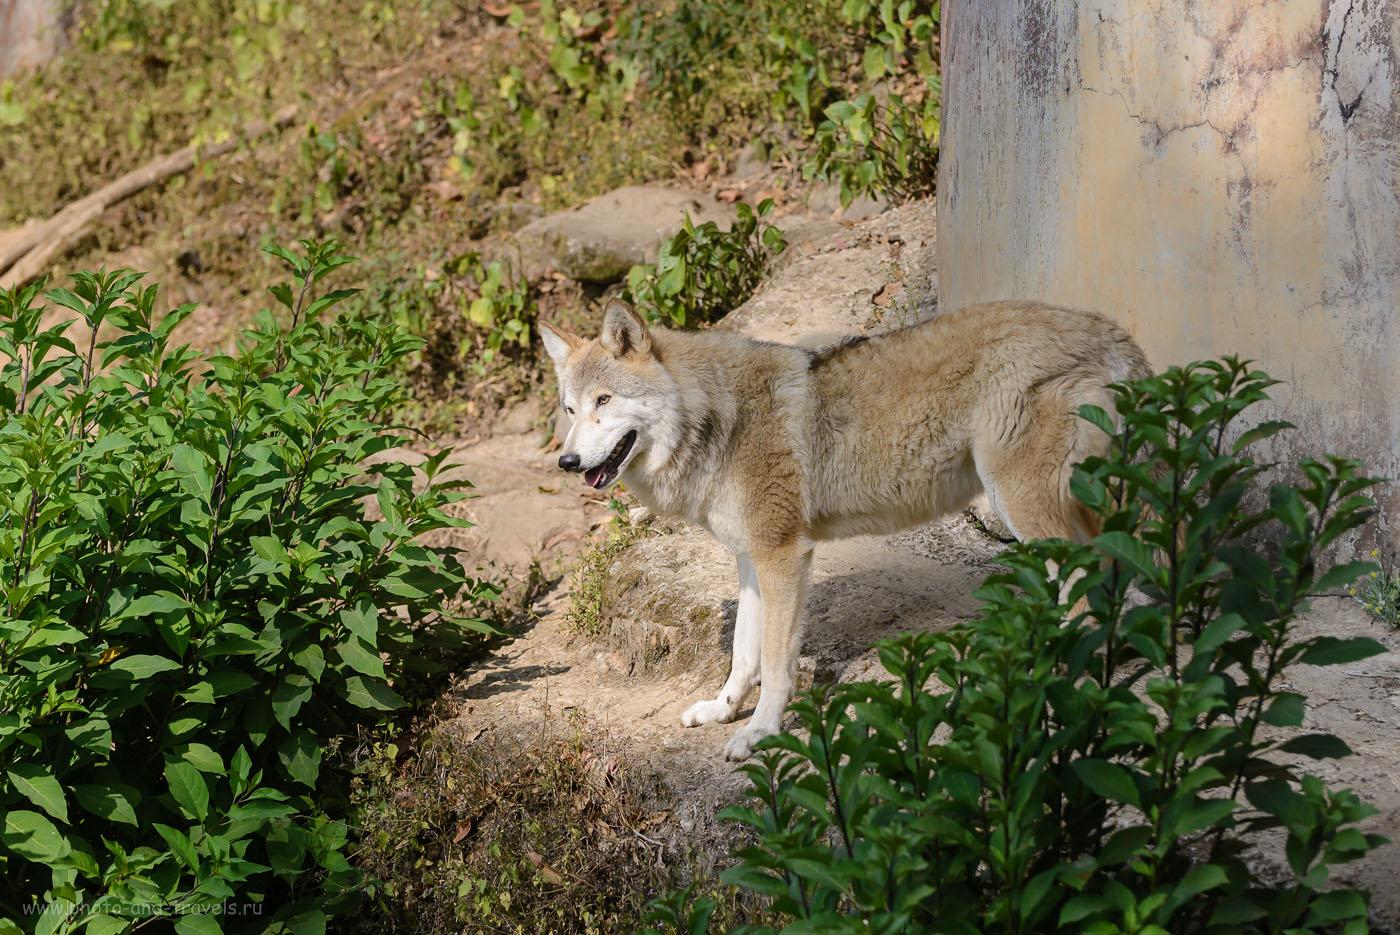 Фото 10. Гималайский волк в зоопарке Дарджилинга. Отзывы о самостоятельной поездке в Индию в ноябре.